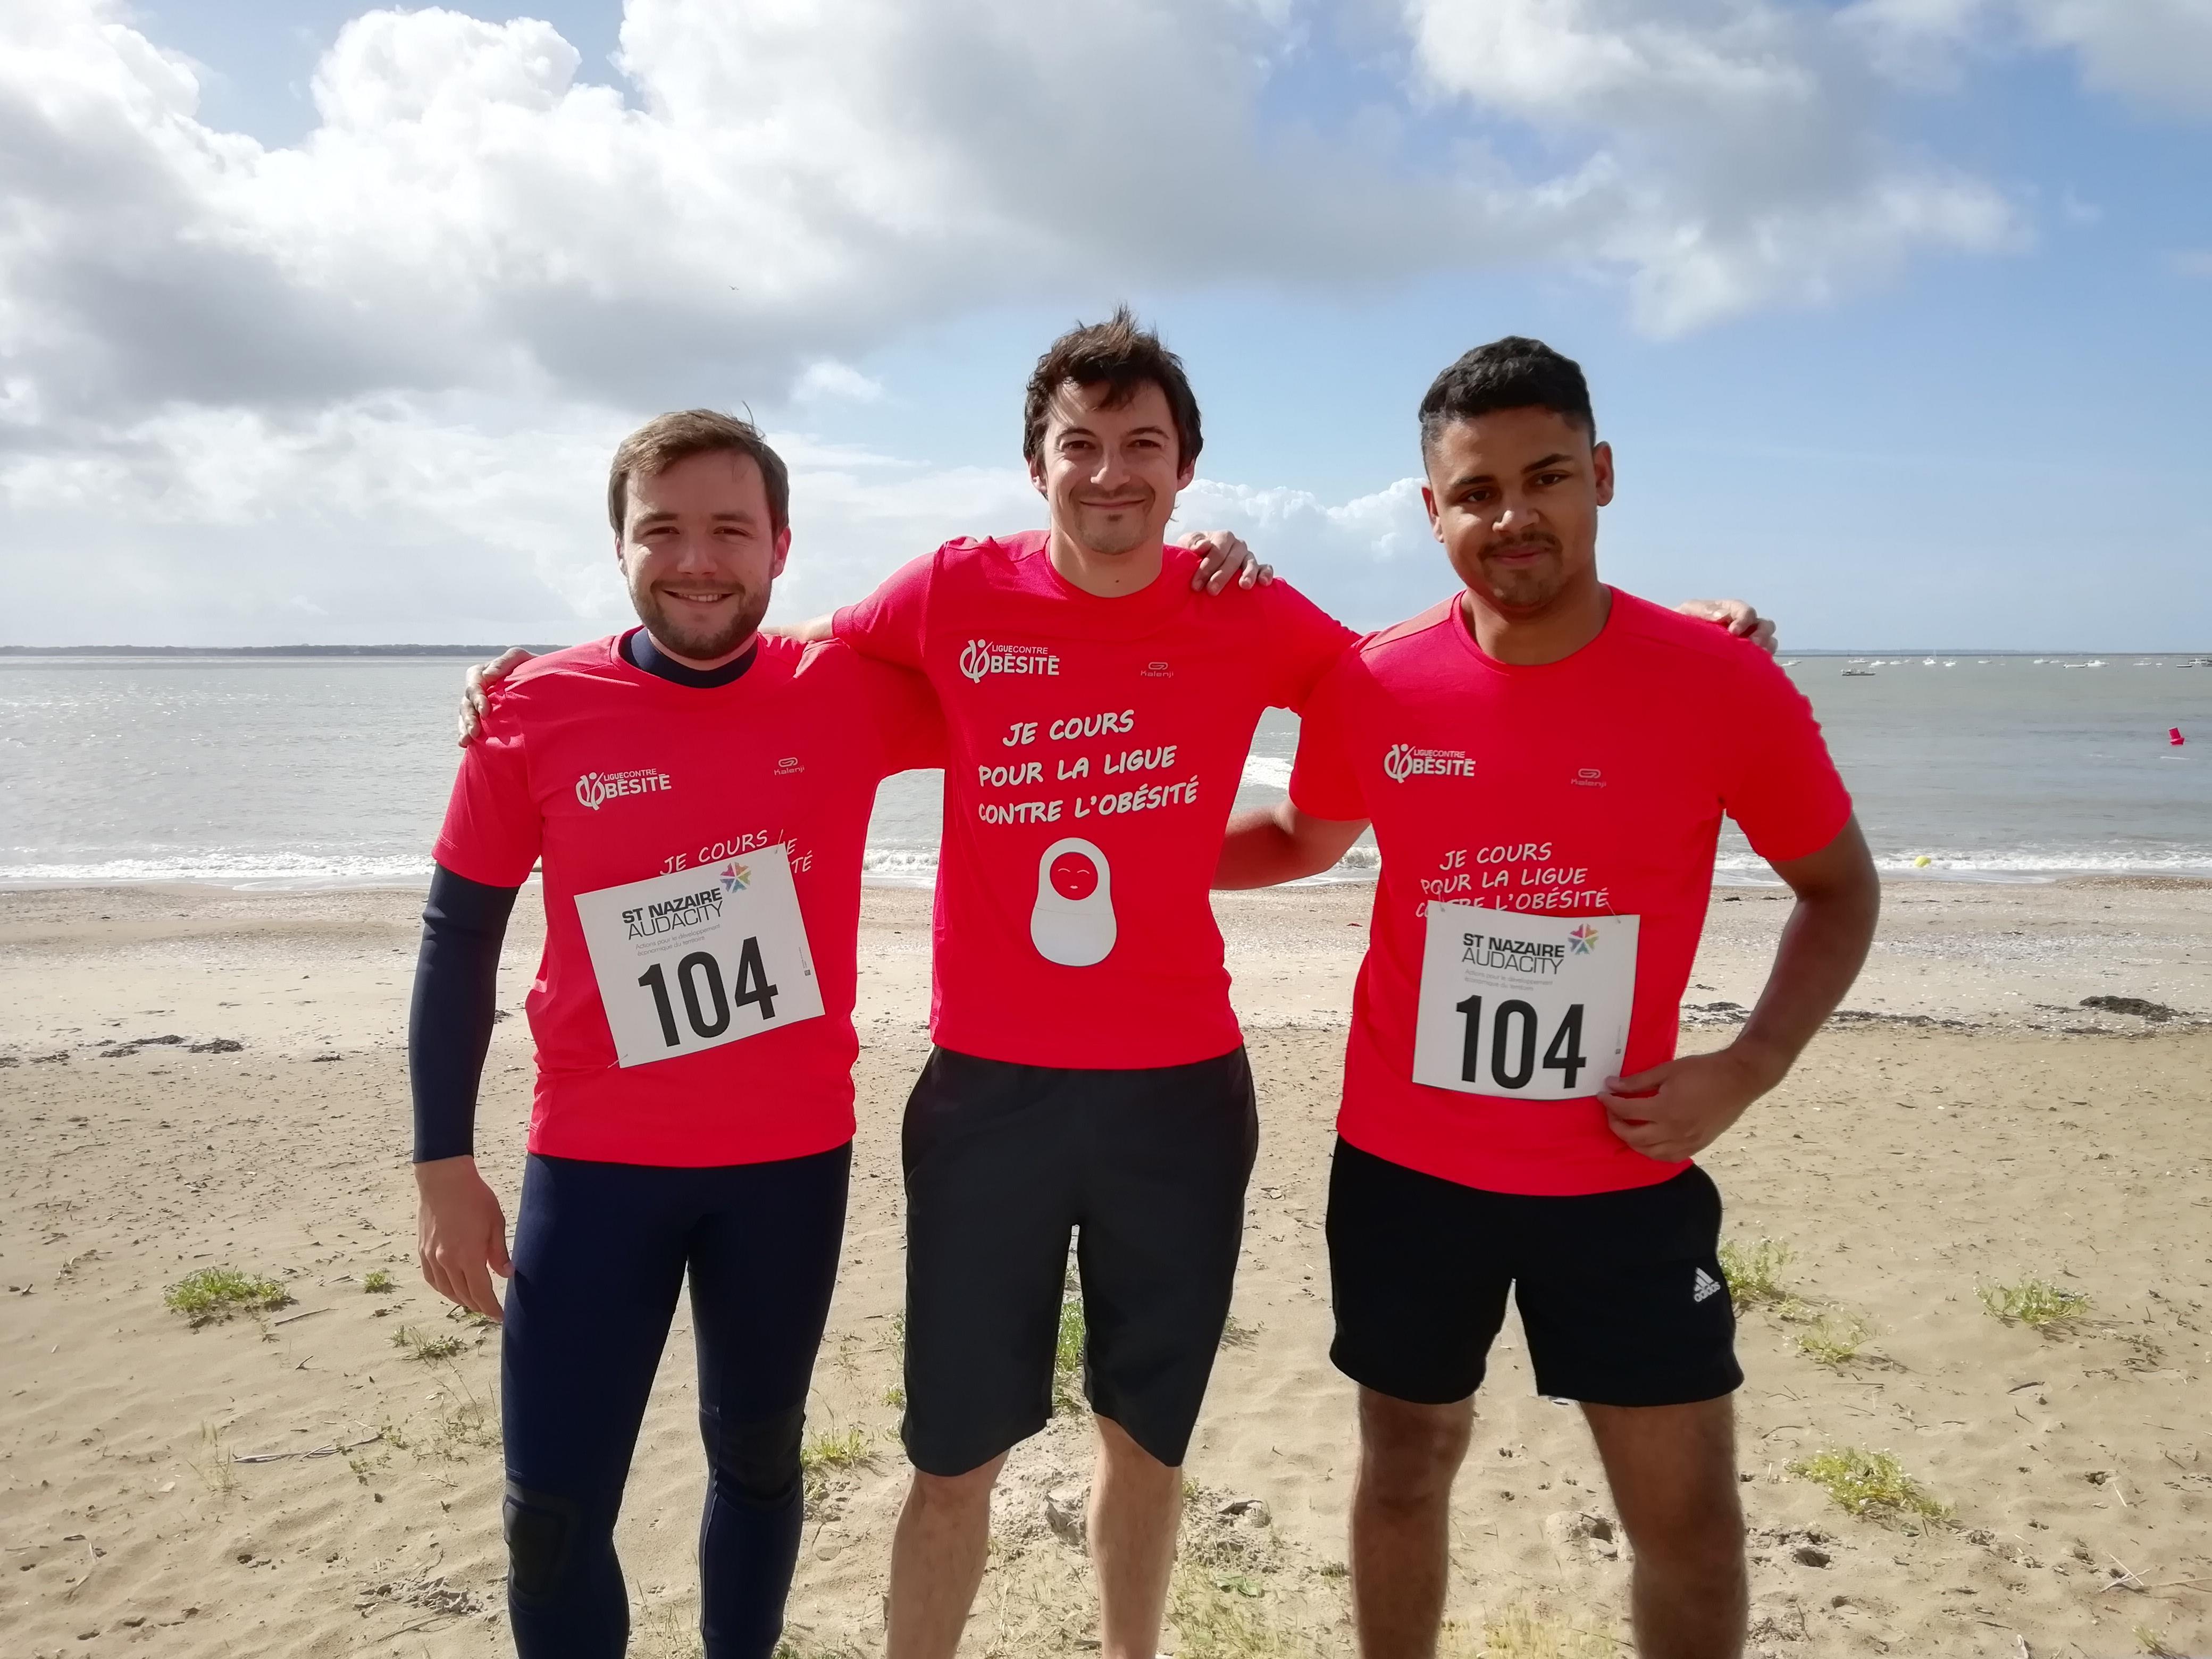 Le 8 juin dernier, à Saint-Nazaire (Loire-Atlantique), dans le cadre du Best Triathlon qui s'est déroulée tout au long du deuxième week-end de juin, quatre équipes composées de trois salariés de l'entreprise MAN ES ont participé au Quadrathlon Audacity.